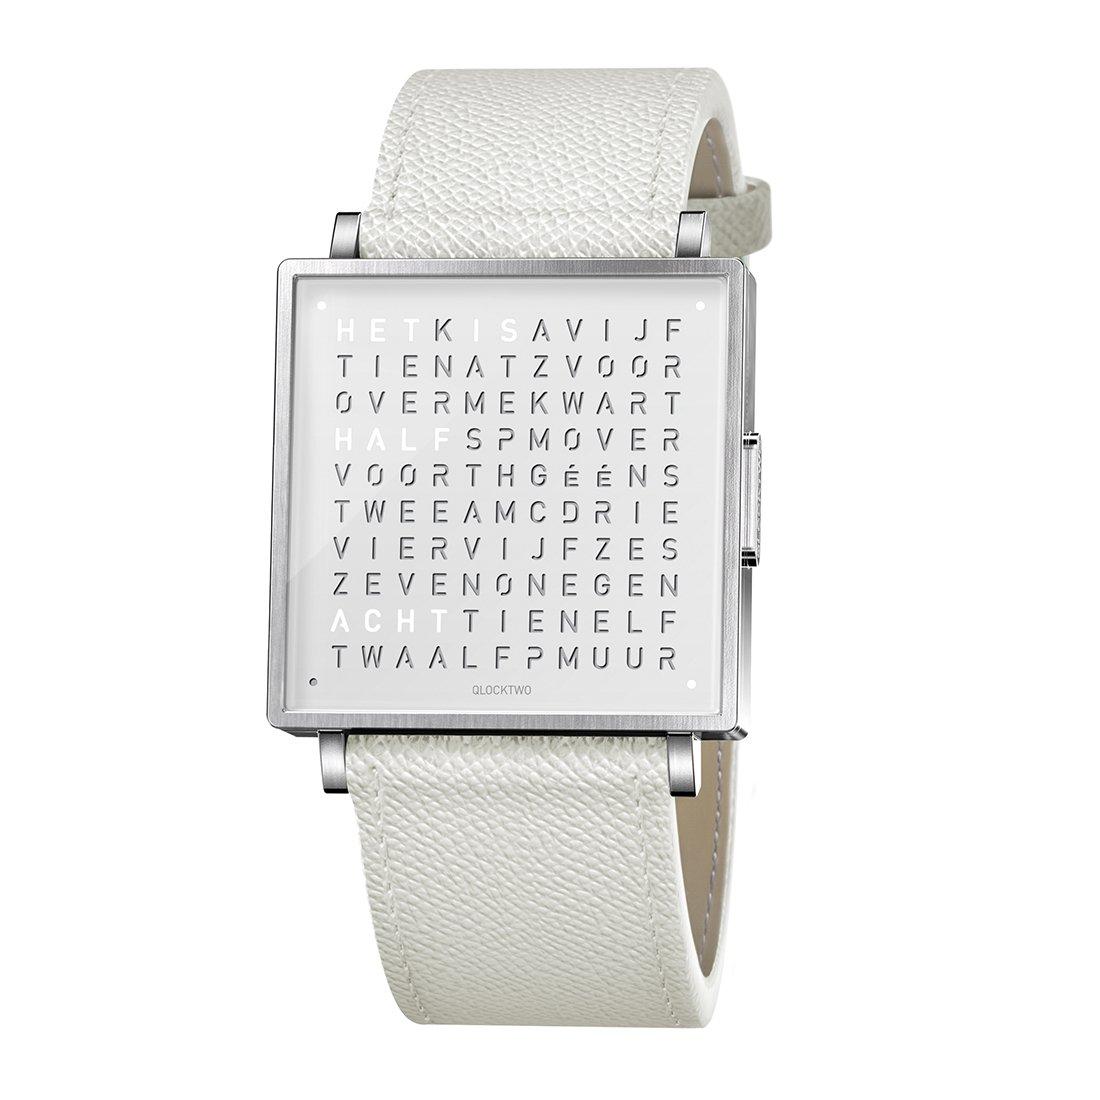 Biegert & Funk Qlocktwo Watch Pure White W39 - Nederlands